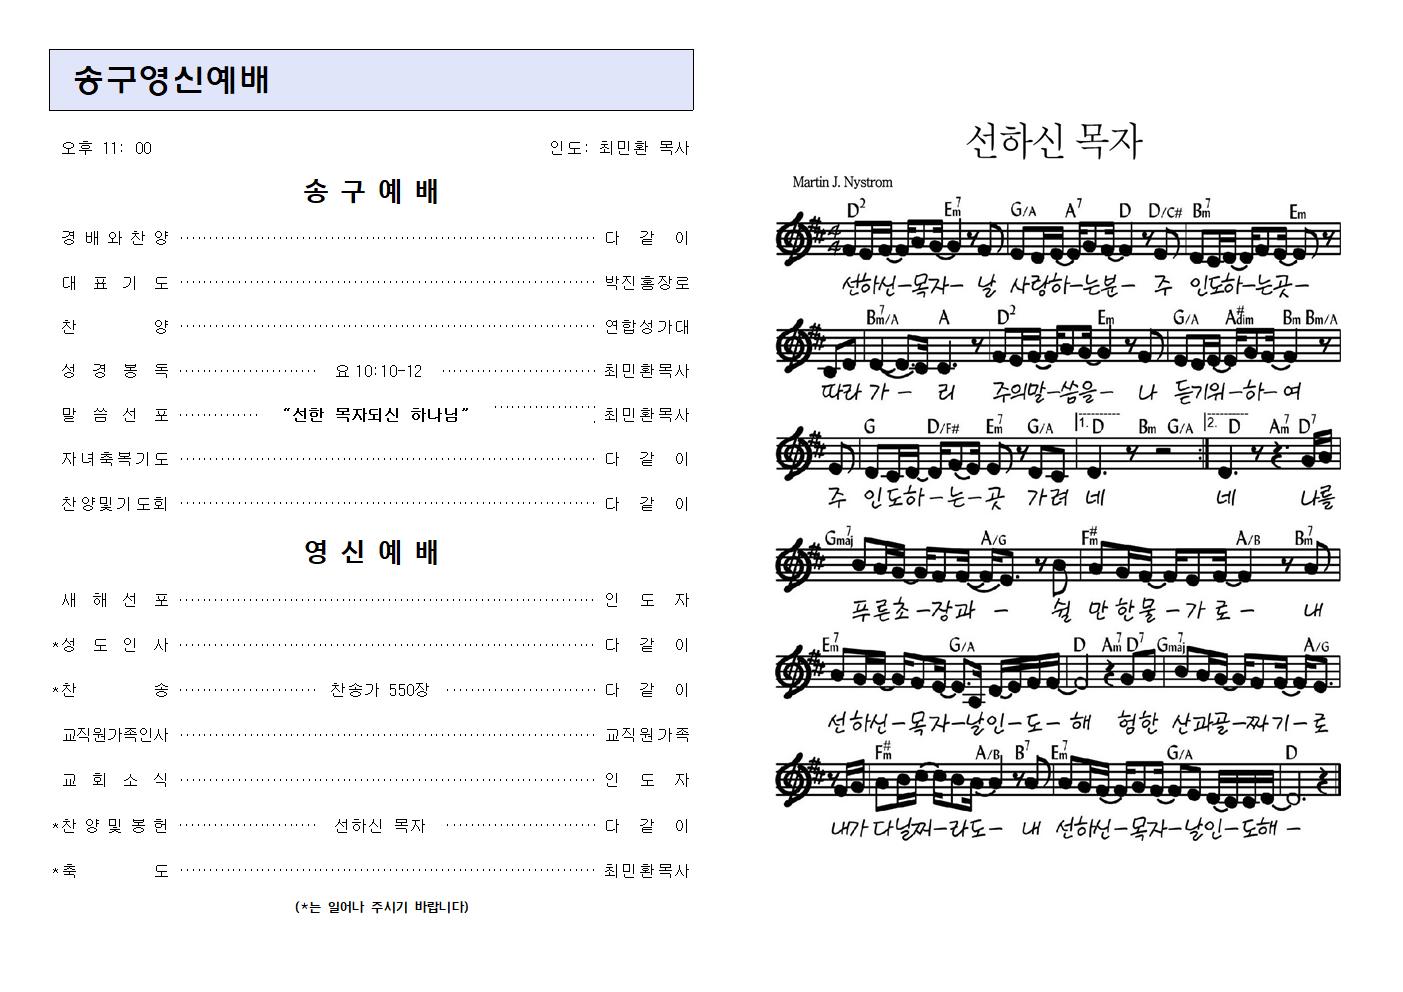 2020-12-31 송구영신예배 주보001.png